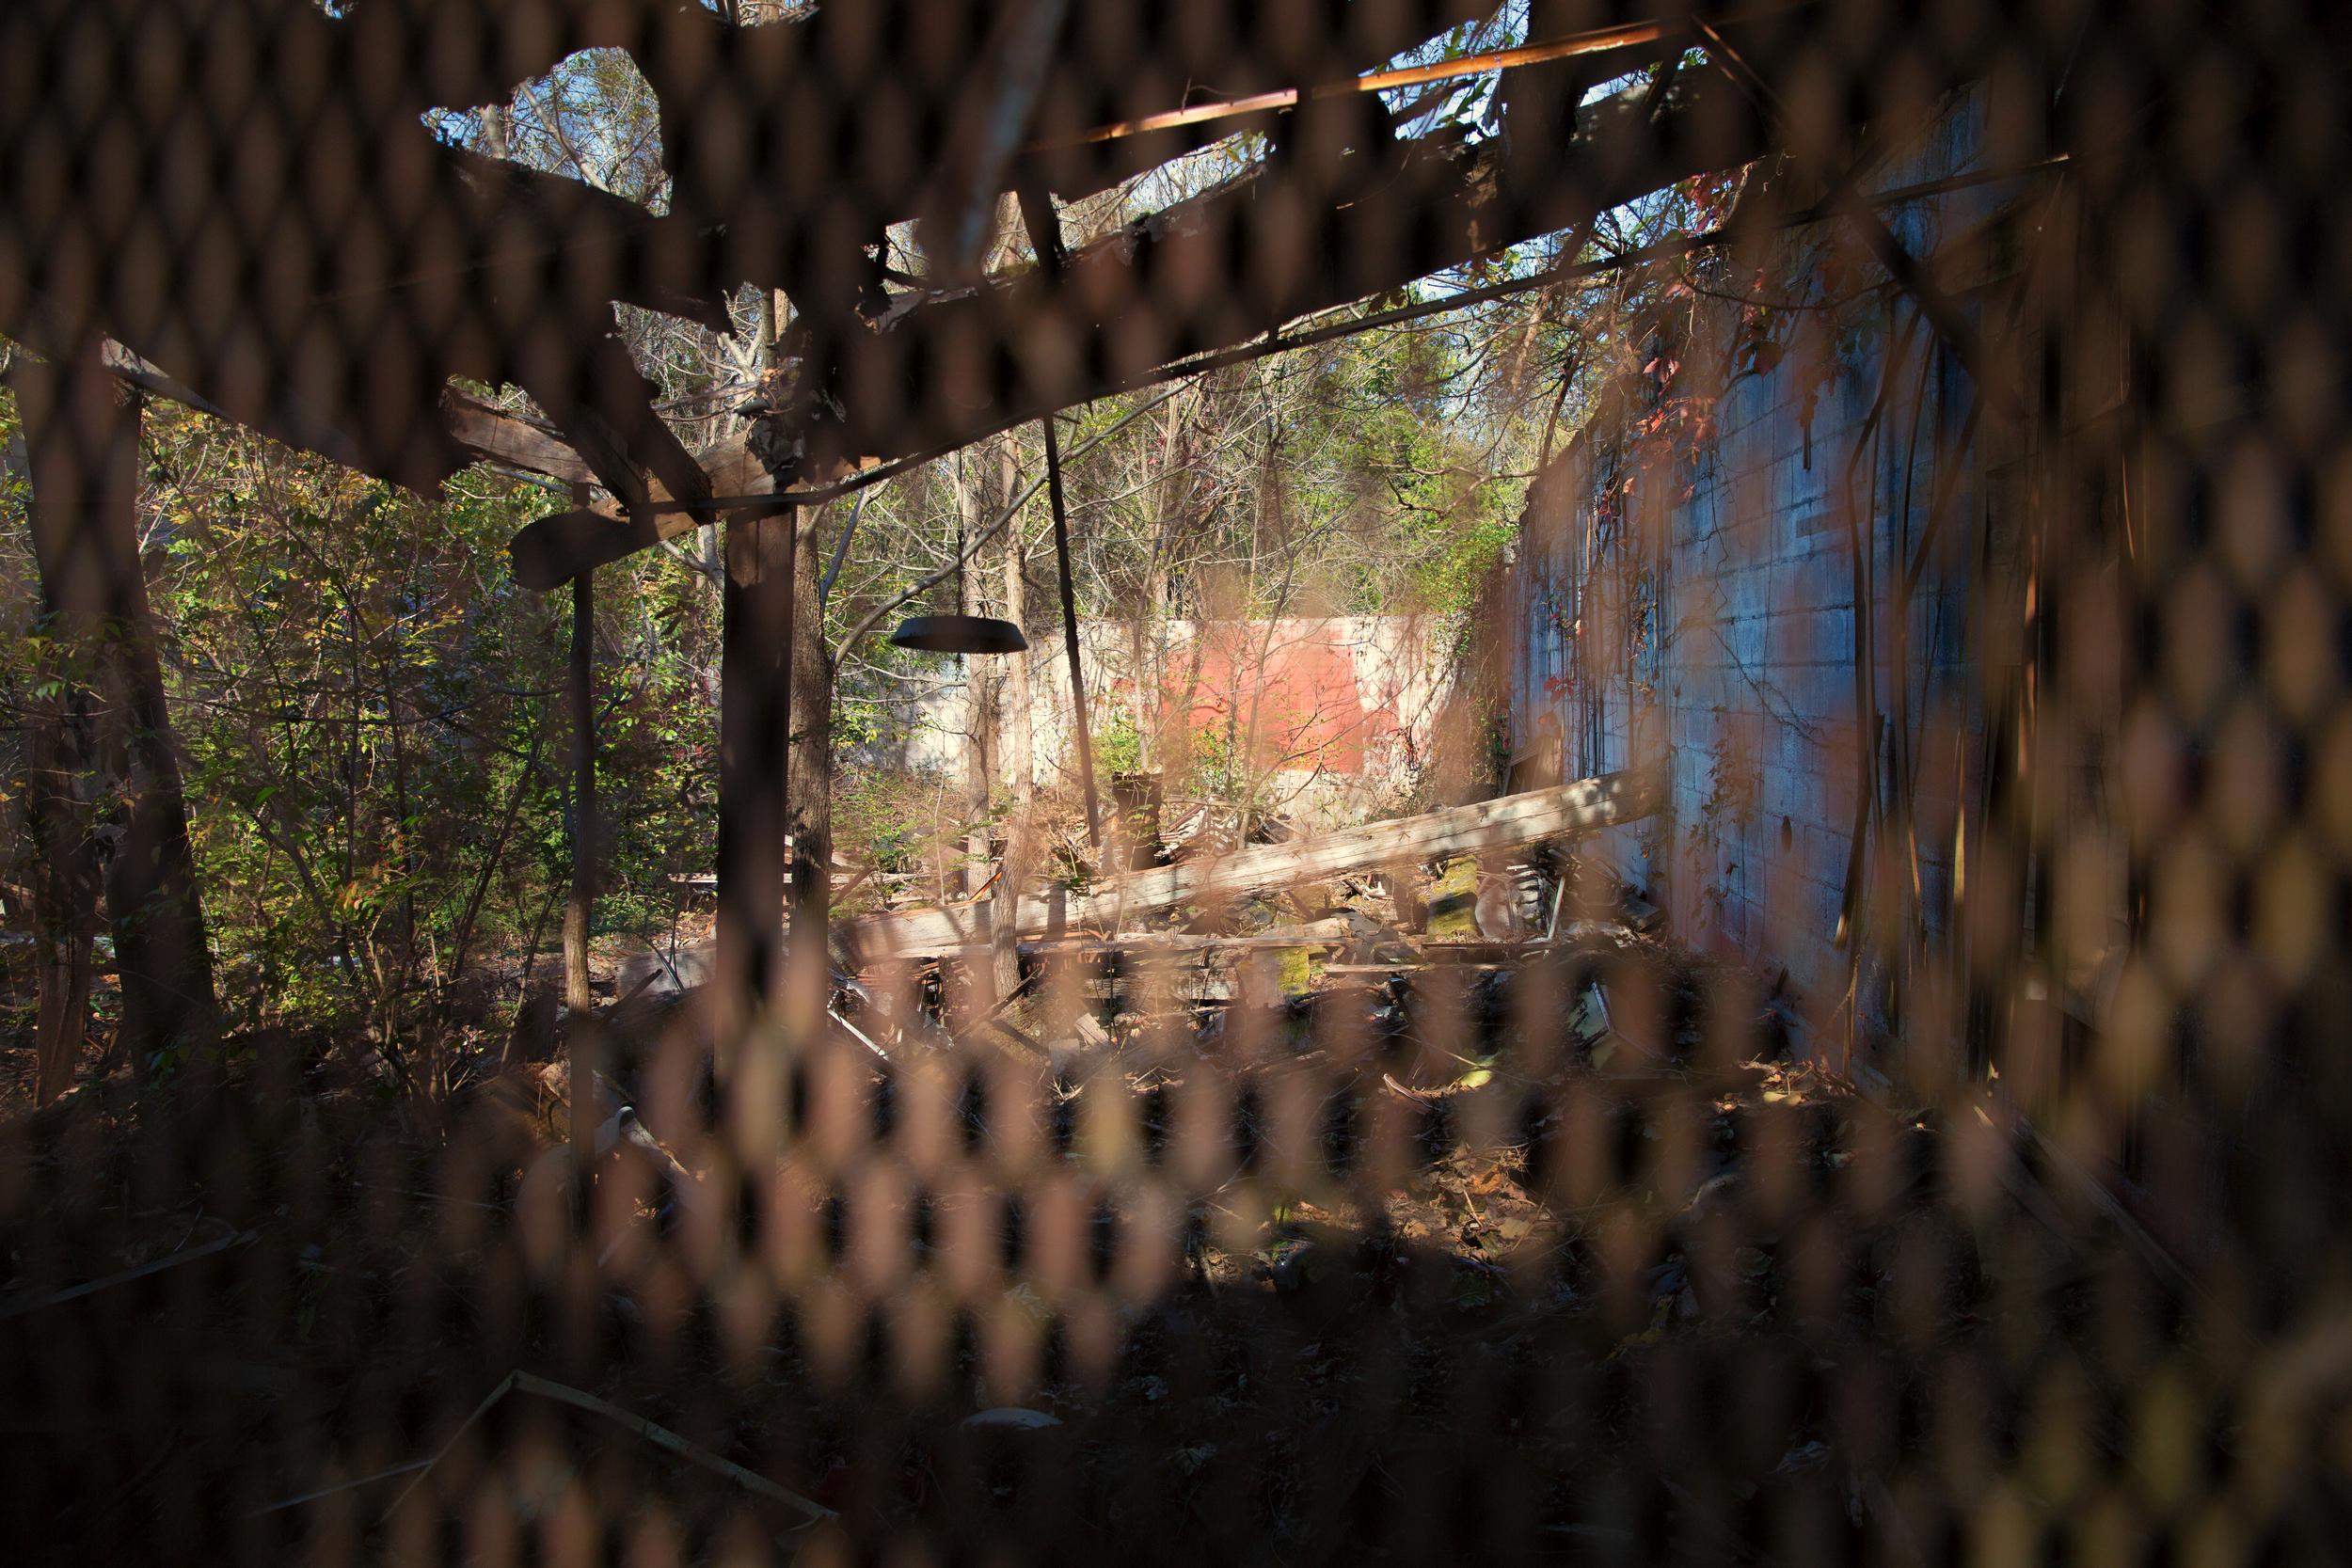 Eldorado Club Looking in via window.jpg